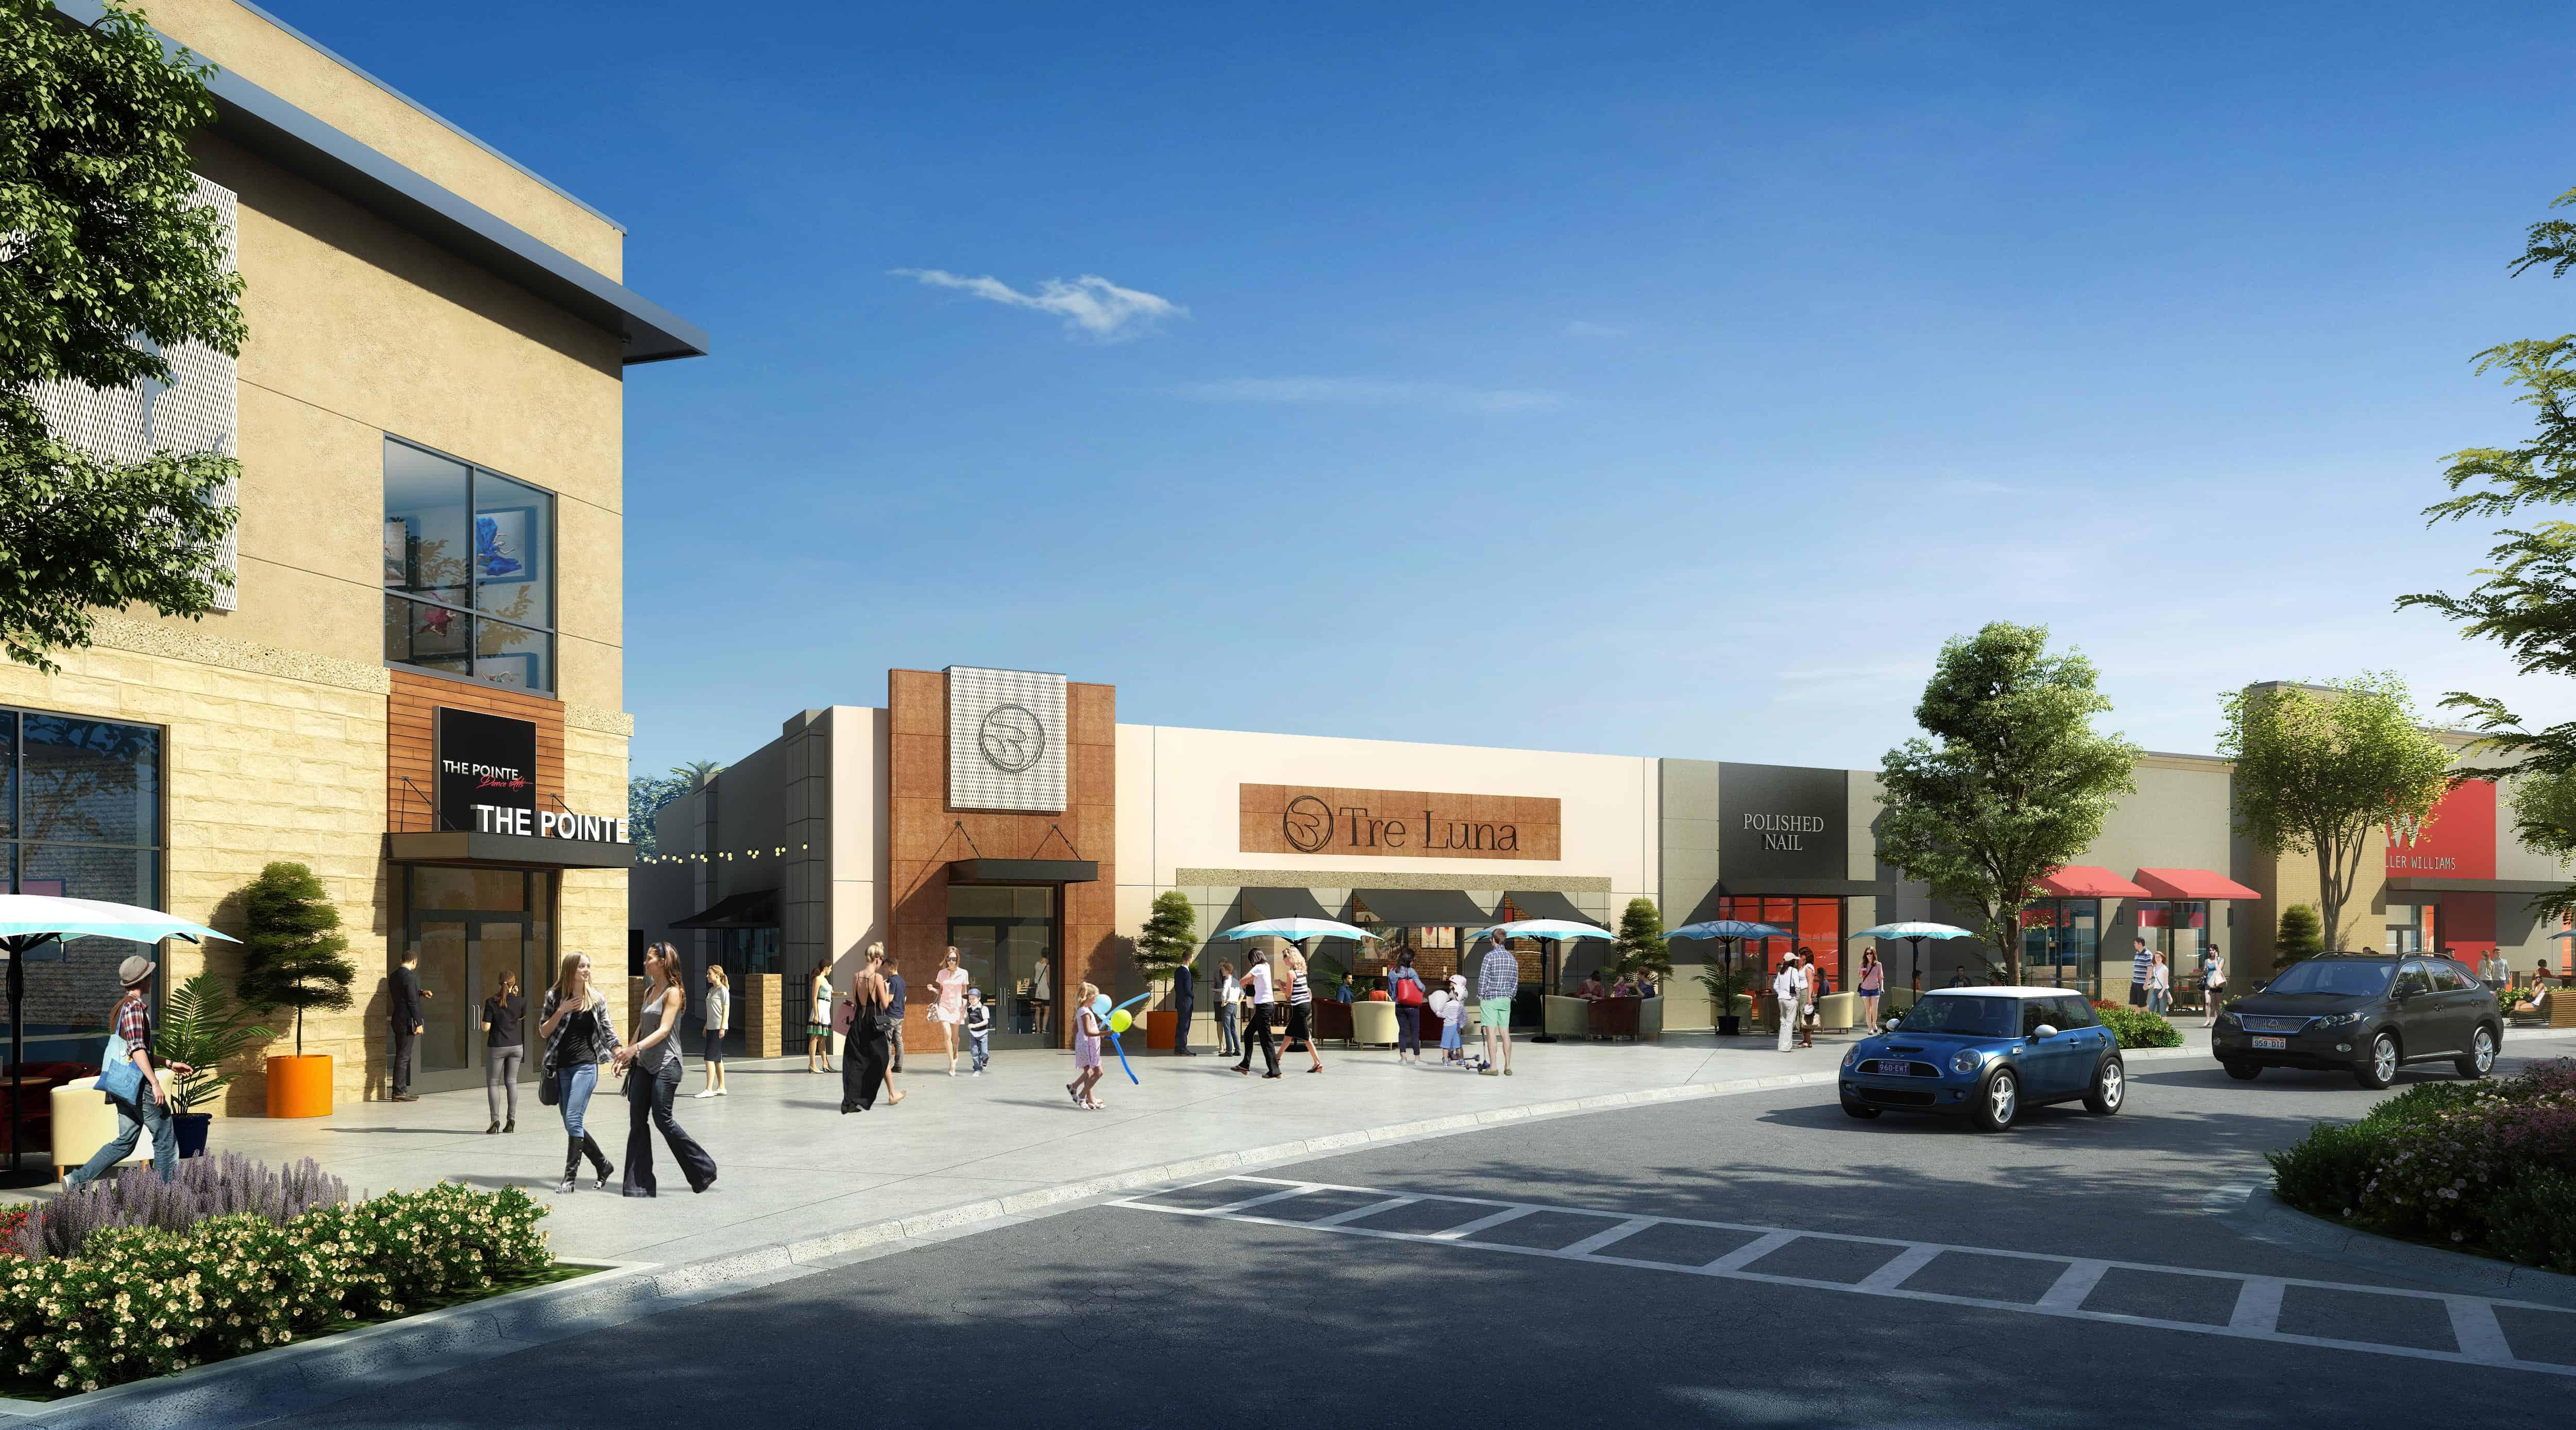 eds-america retail project management consultants birmingham al